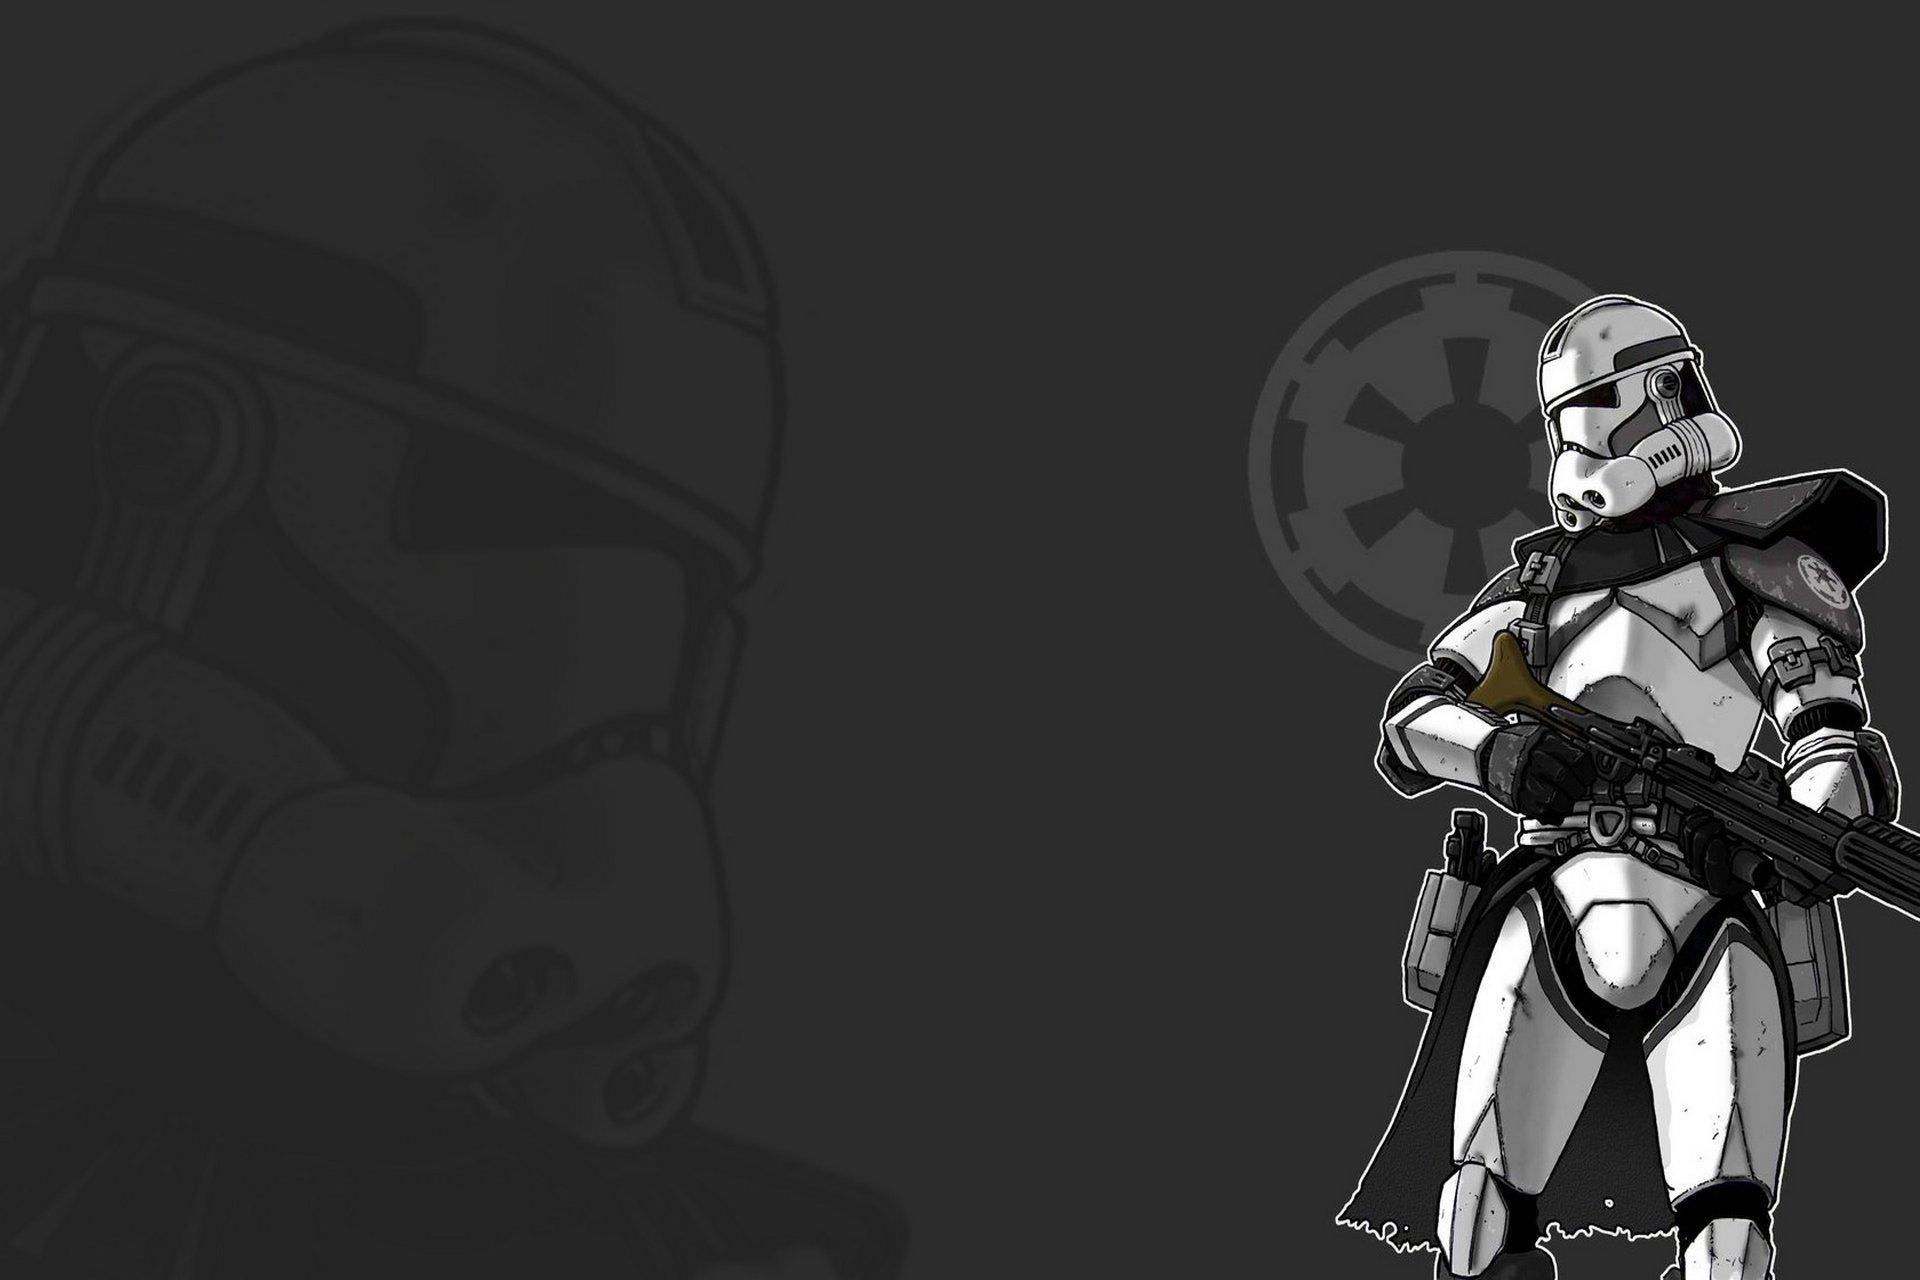 имперские штурмовики клоны без смс